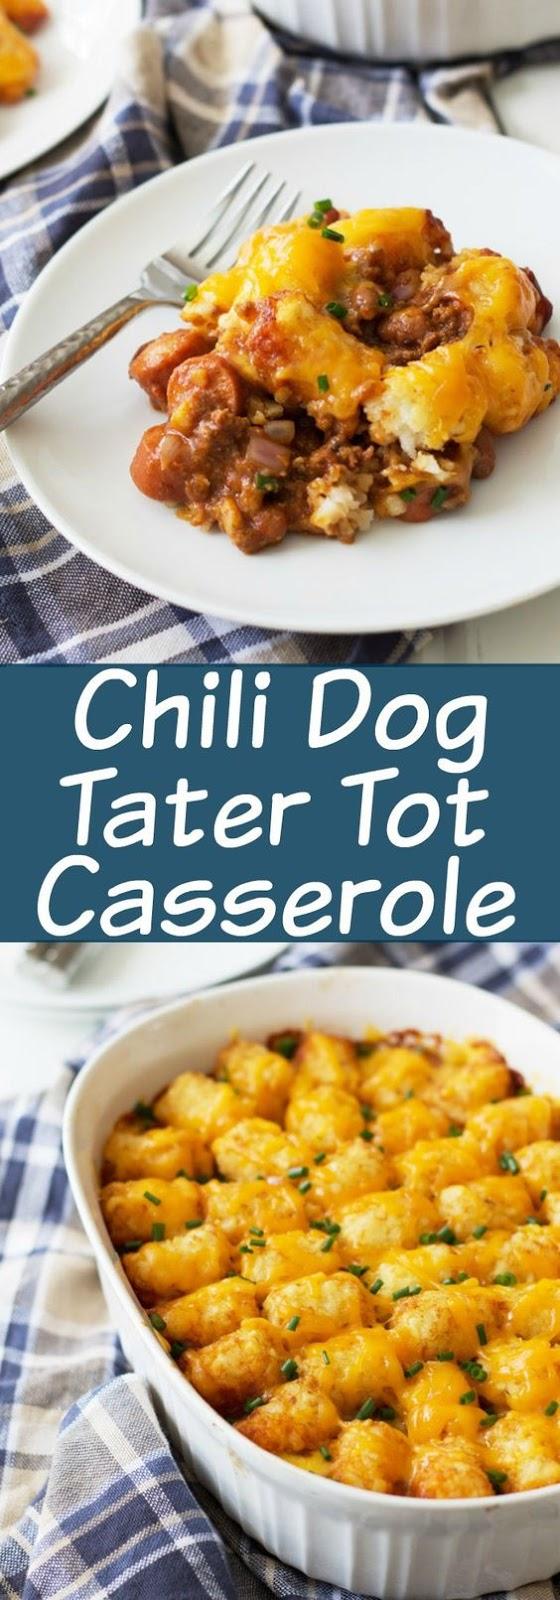 CHILI DOG TATER TOT CASSEROLE